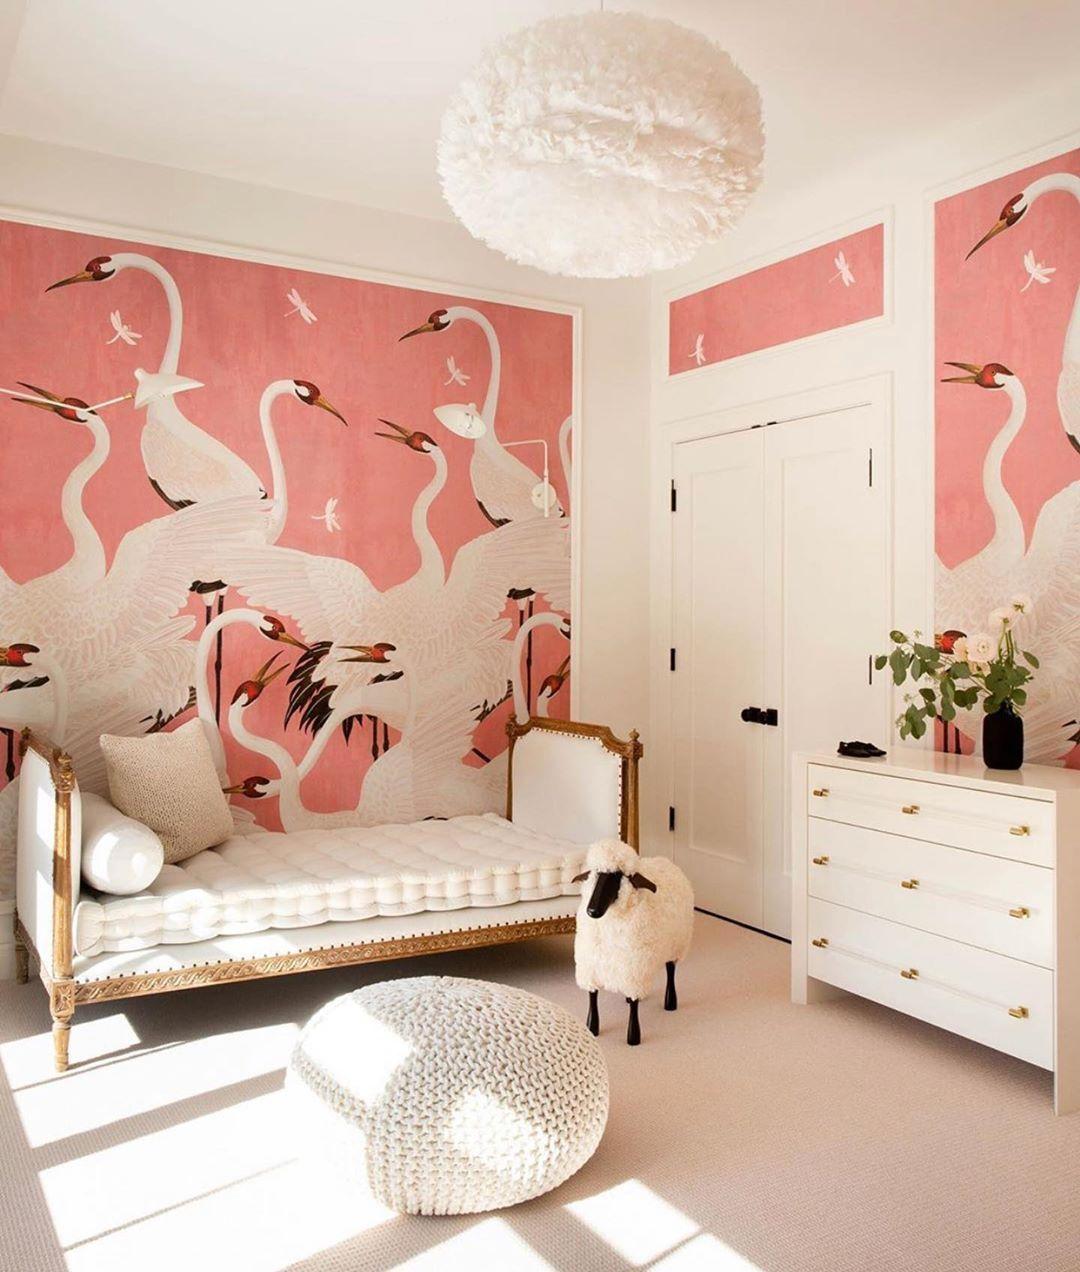 Pin Von Rosmi Auf Home Sweet Home Kids Room In 2020 Haus Deko Madchenzimmer Jung Zimmerdekoration